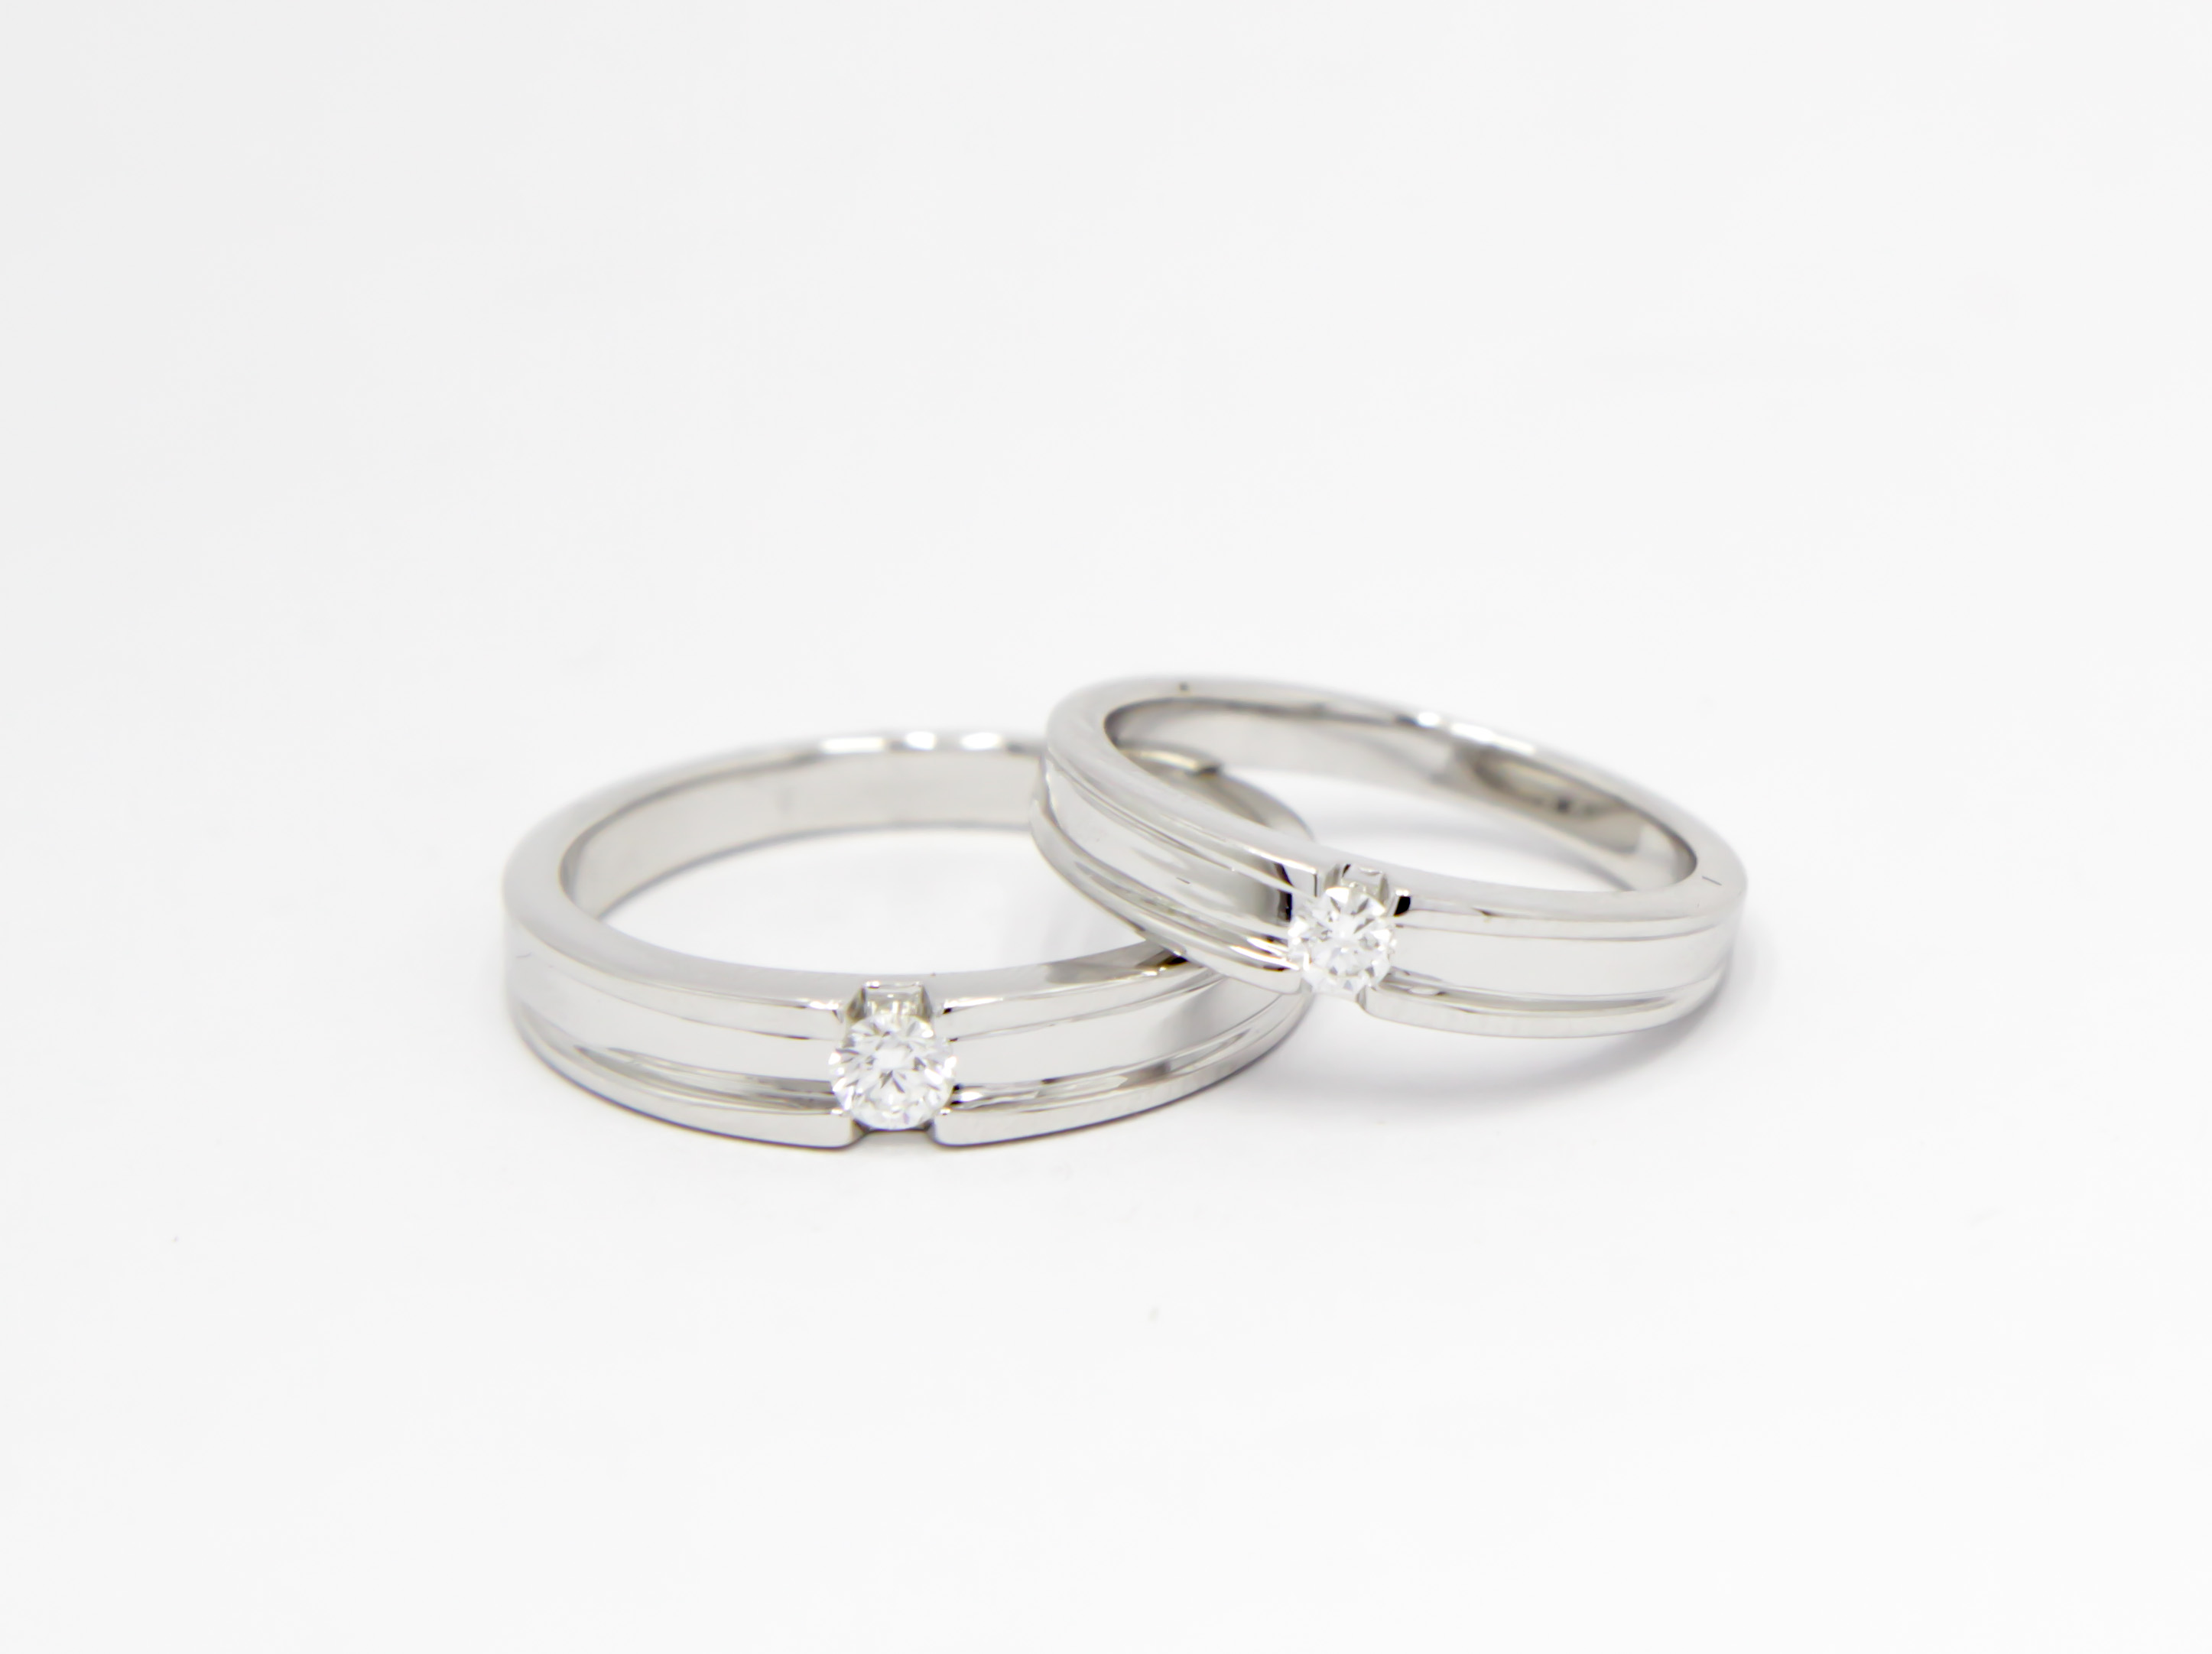 Wedding Ring By Sbs Jewellery Cincin Kawin Palladium 028